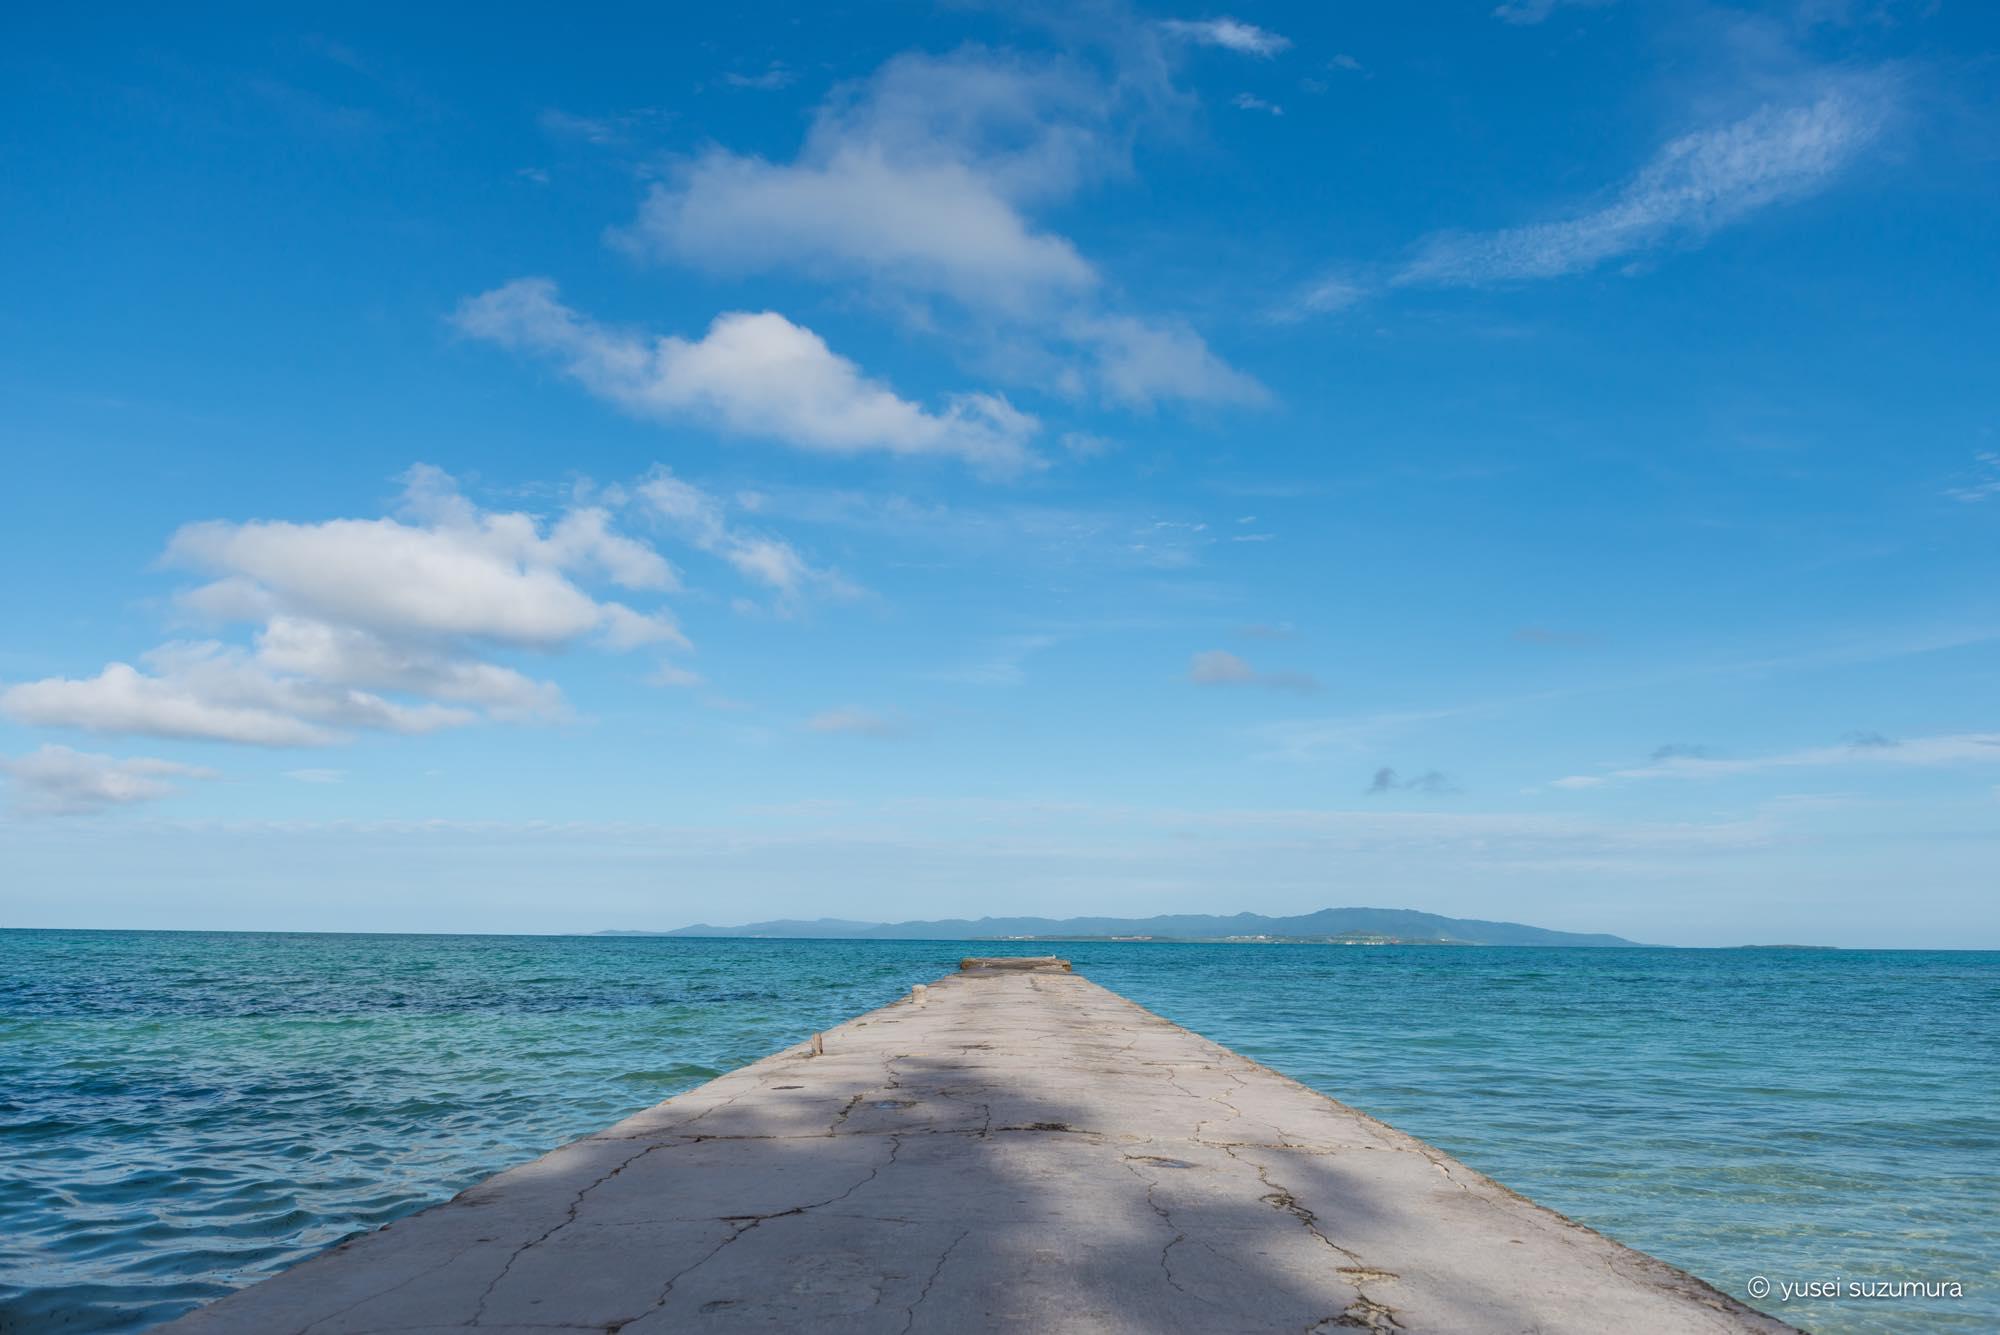 沖縄の離島はやっぱり素晴らしい。